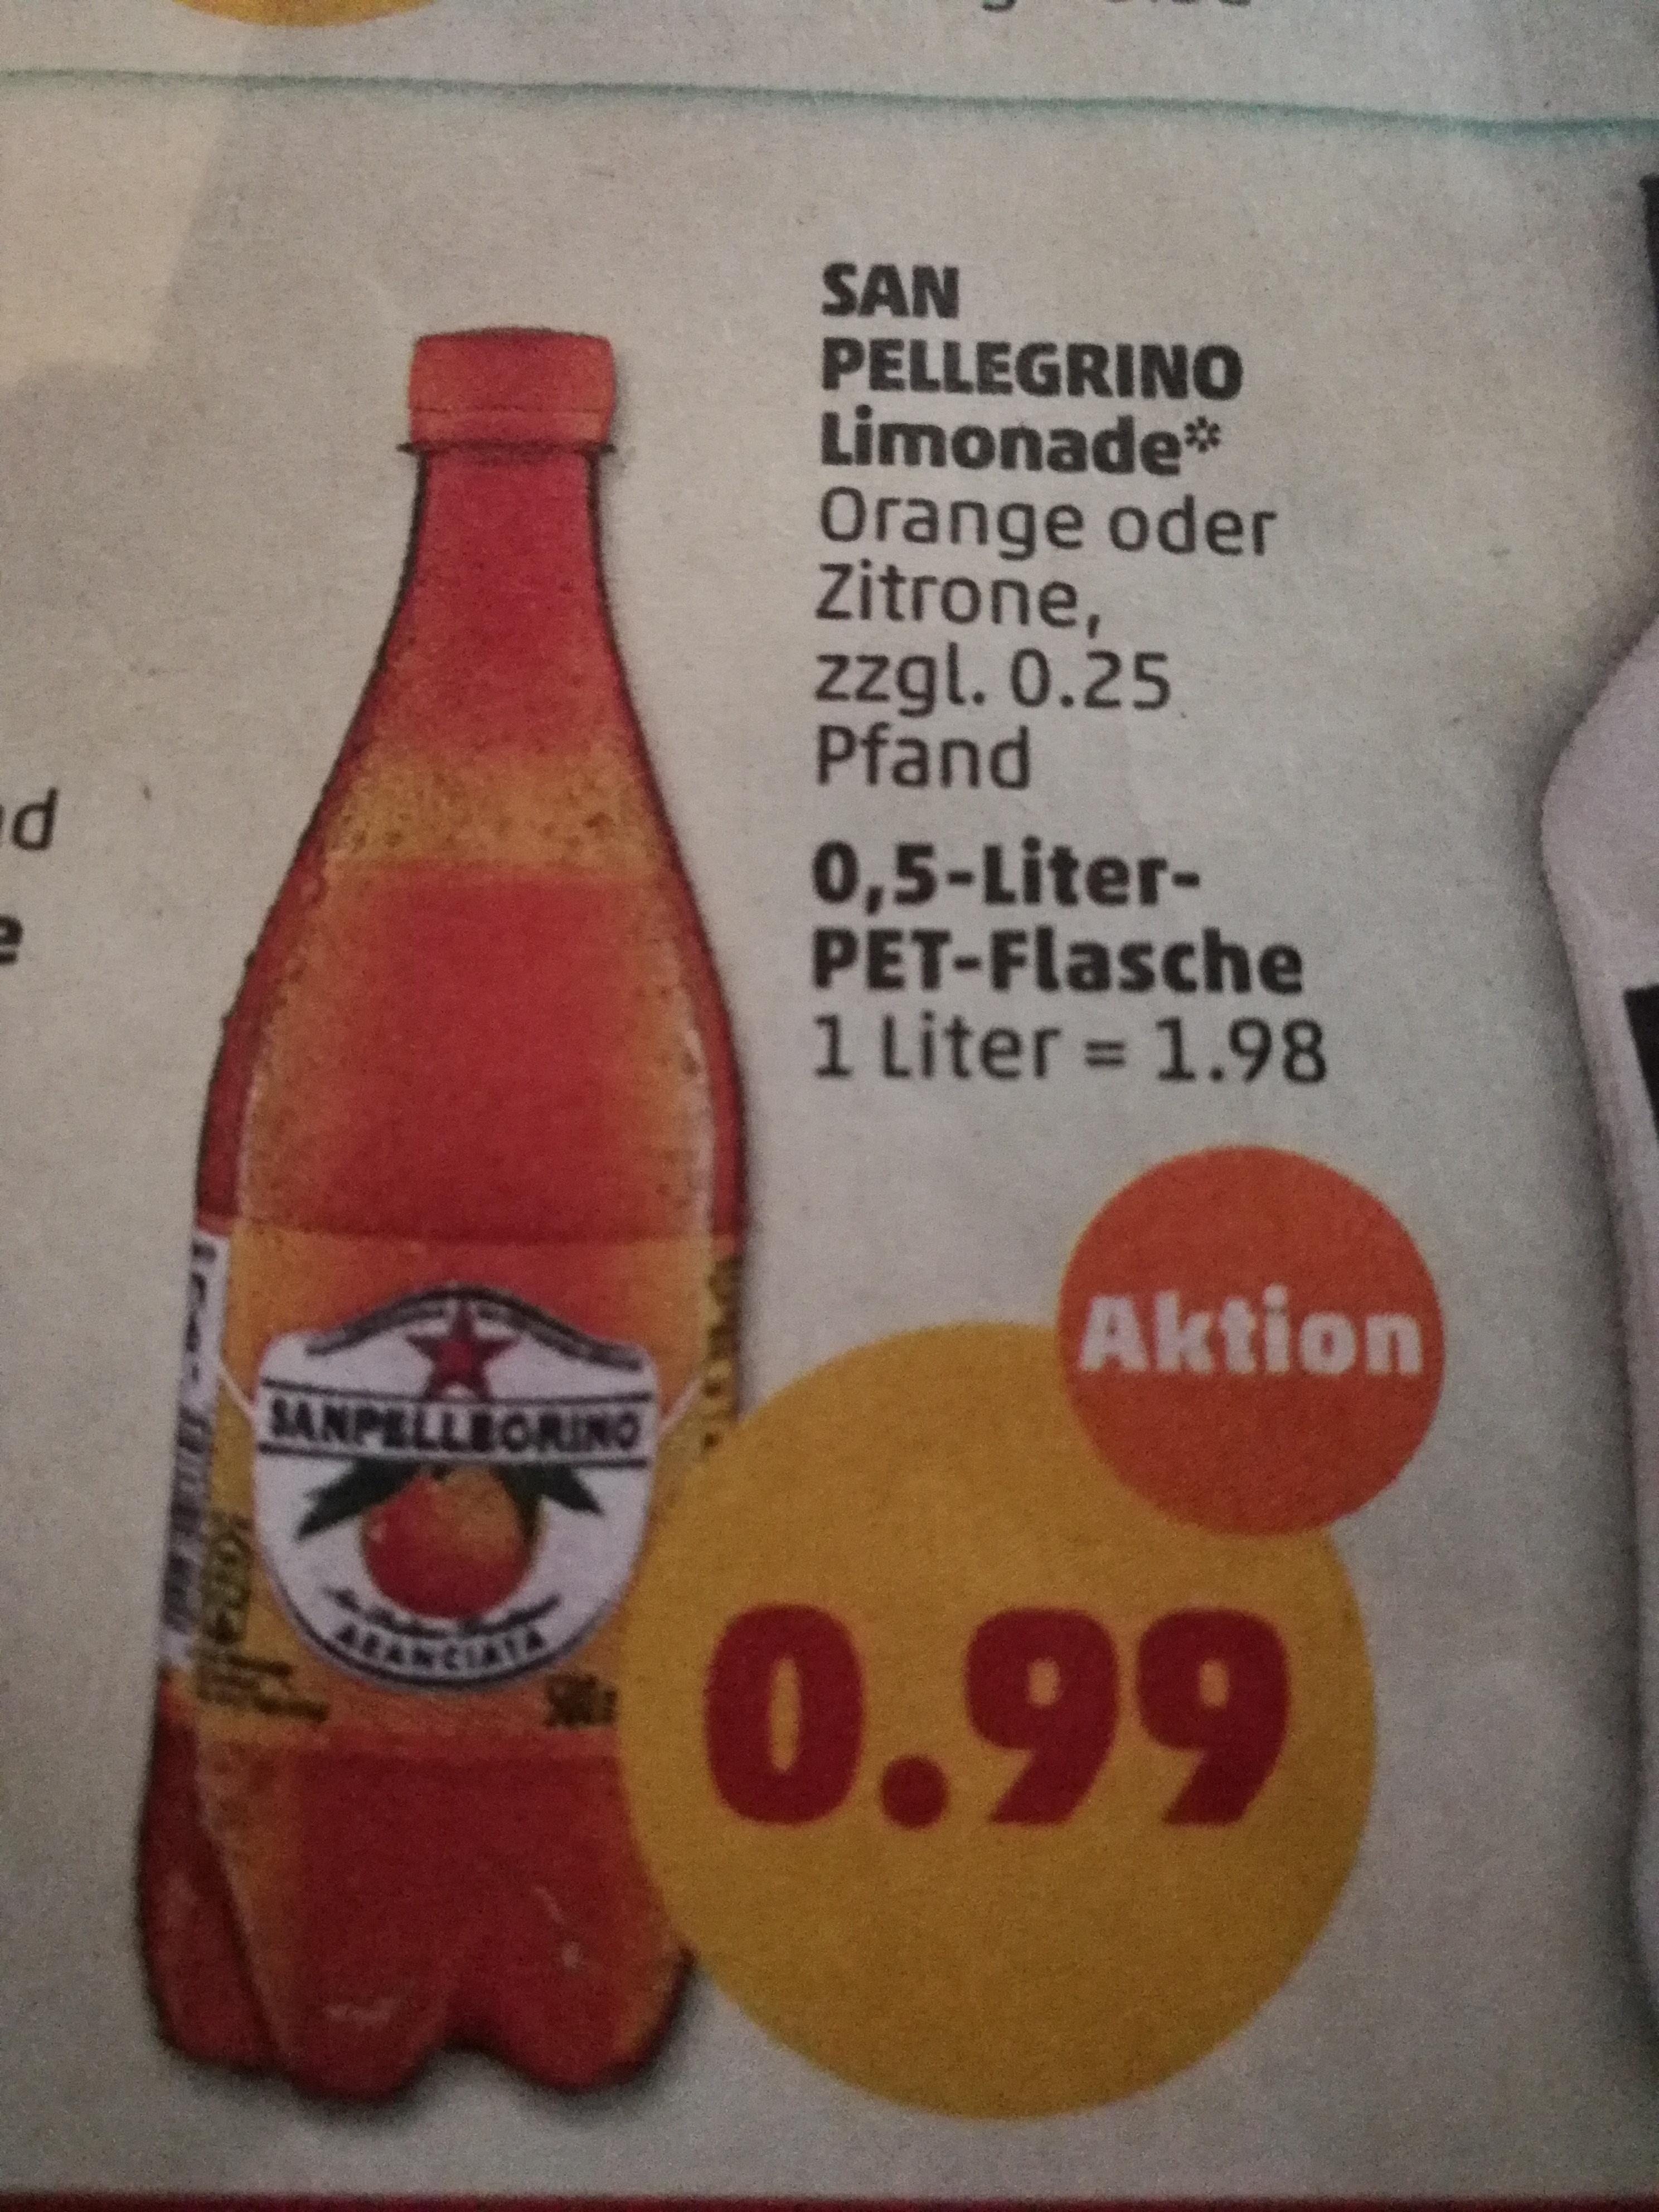 [ PENNY bundesweit 06.08 - 11.08 ] 2x San Pellegrino Limonaden 0,5l für effektiv 0,99€ (Angebot + Scondoo) - entspricht 0,50€ pro 0,5l Flasche